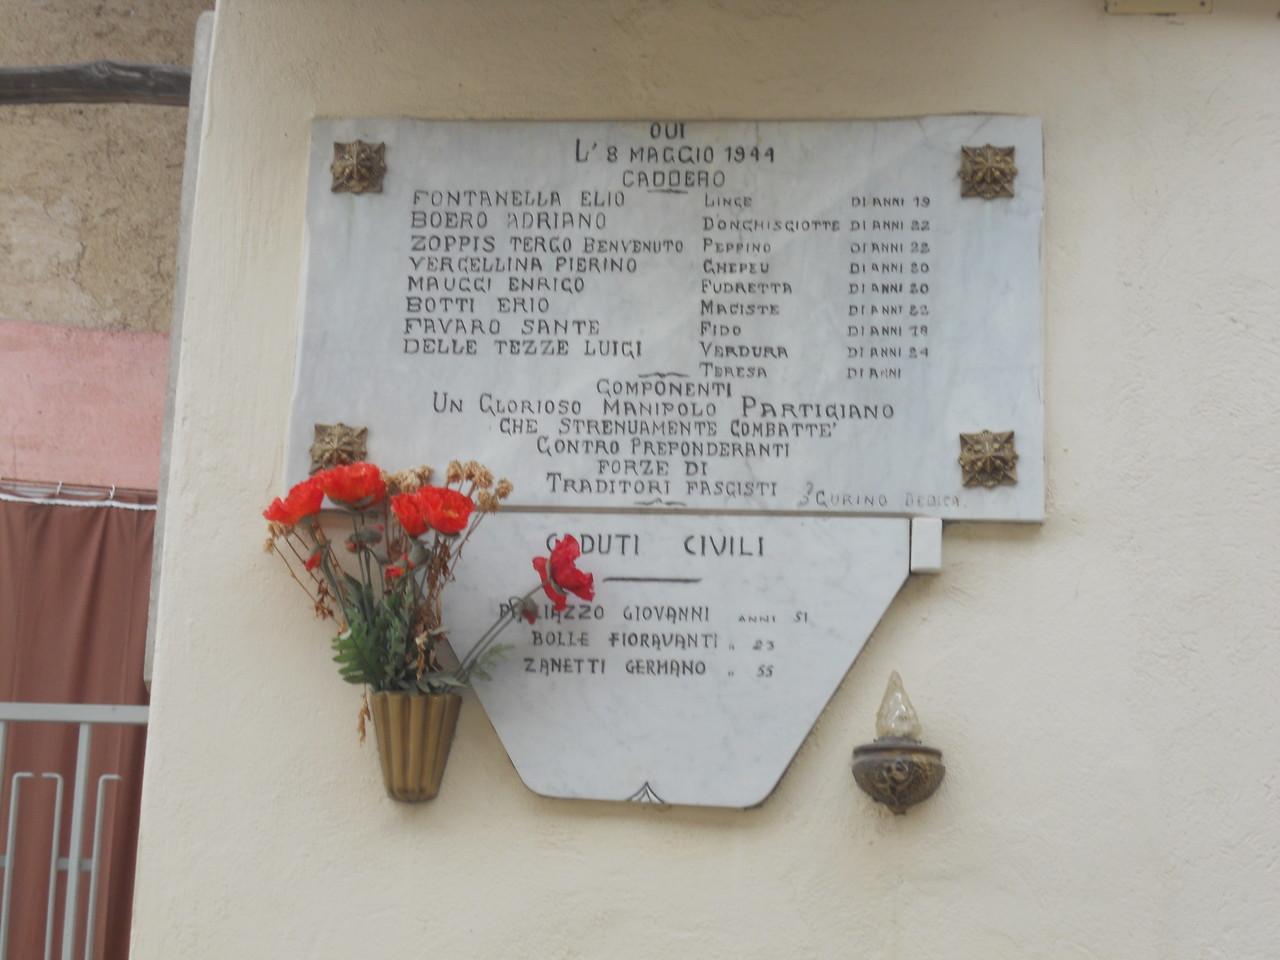 La lapide in memoria dei Caduti partigiani e civili dell'8 maggio 1944